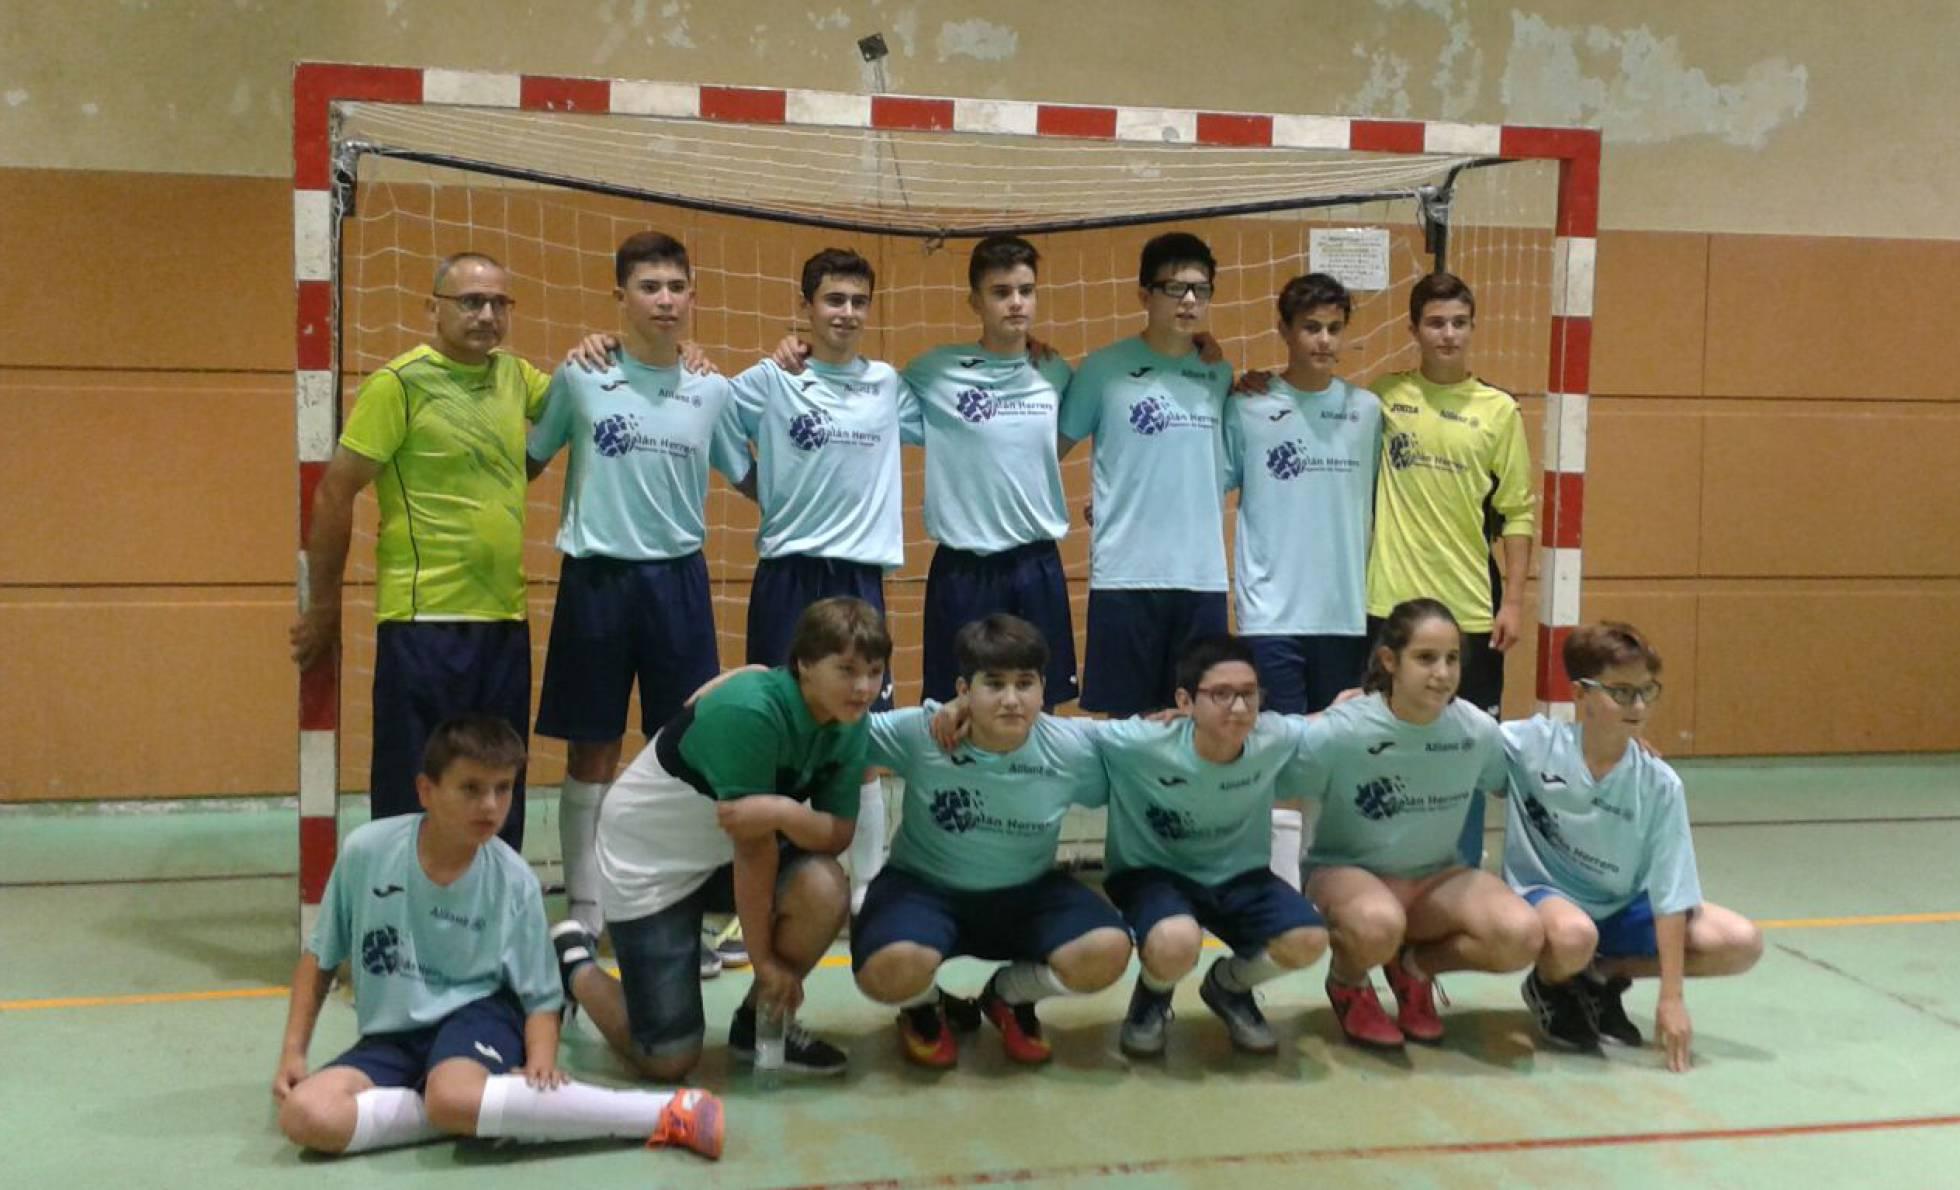 d6fa07a00c5db La Dirección Federal de Deportes de la Junta de Castilla y León impide a una  niña jugar la final de un torneo regional de fútbol infantil